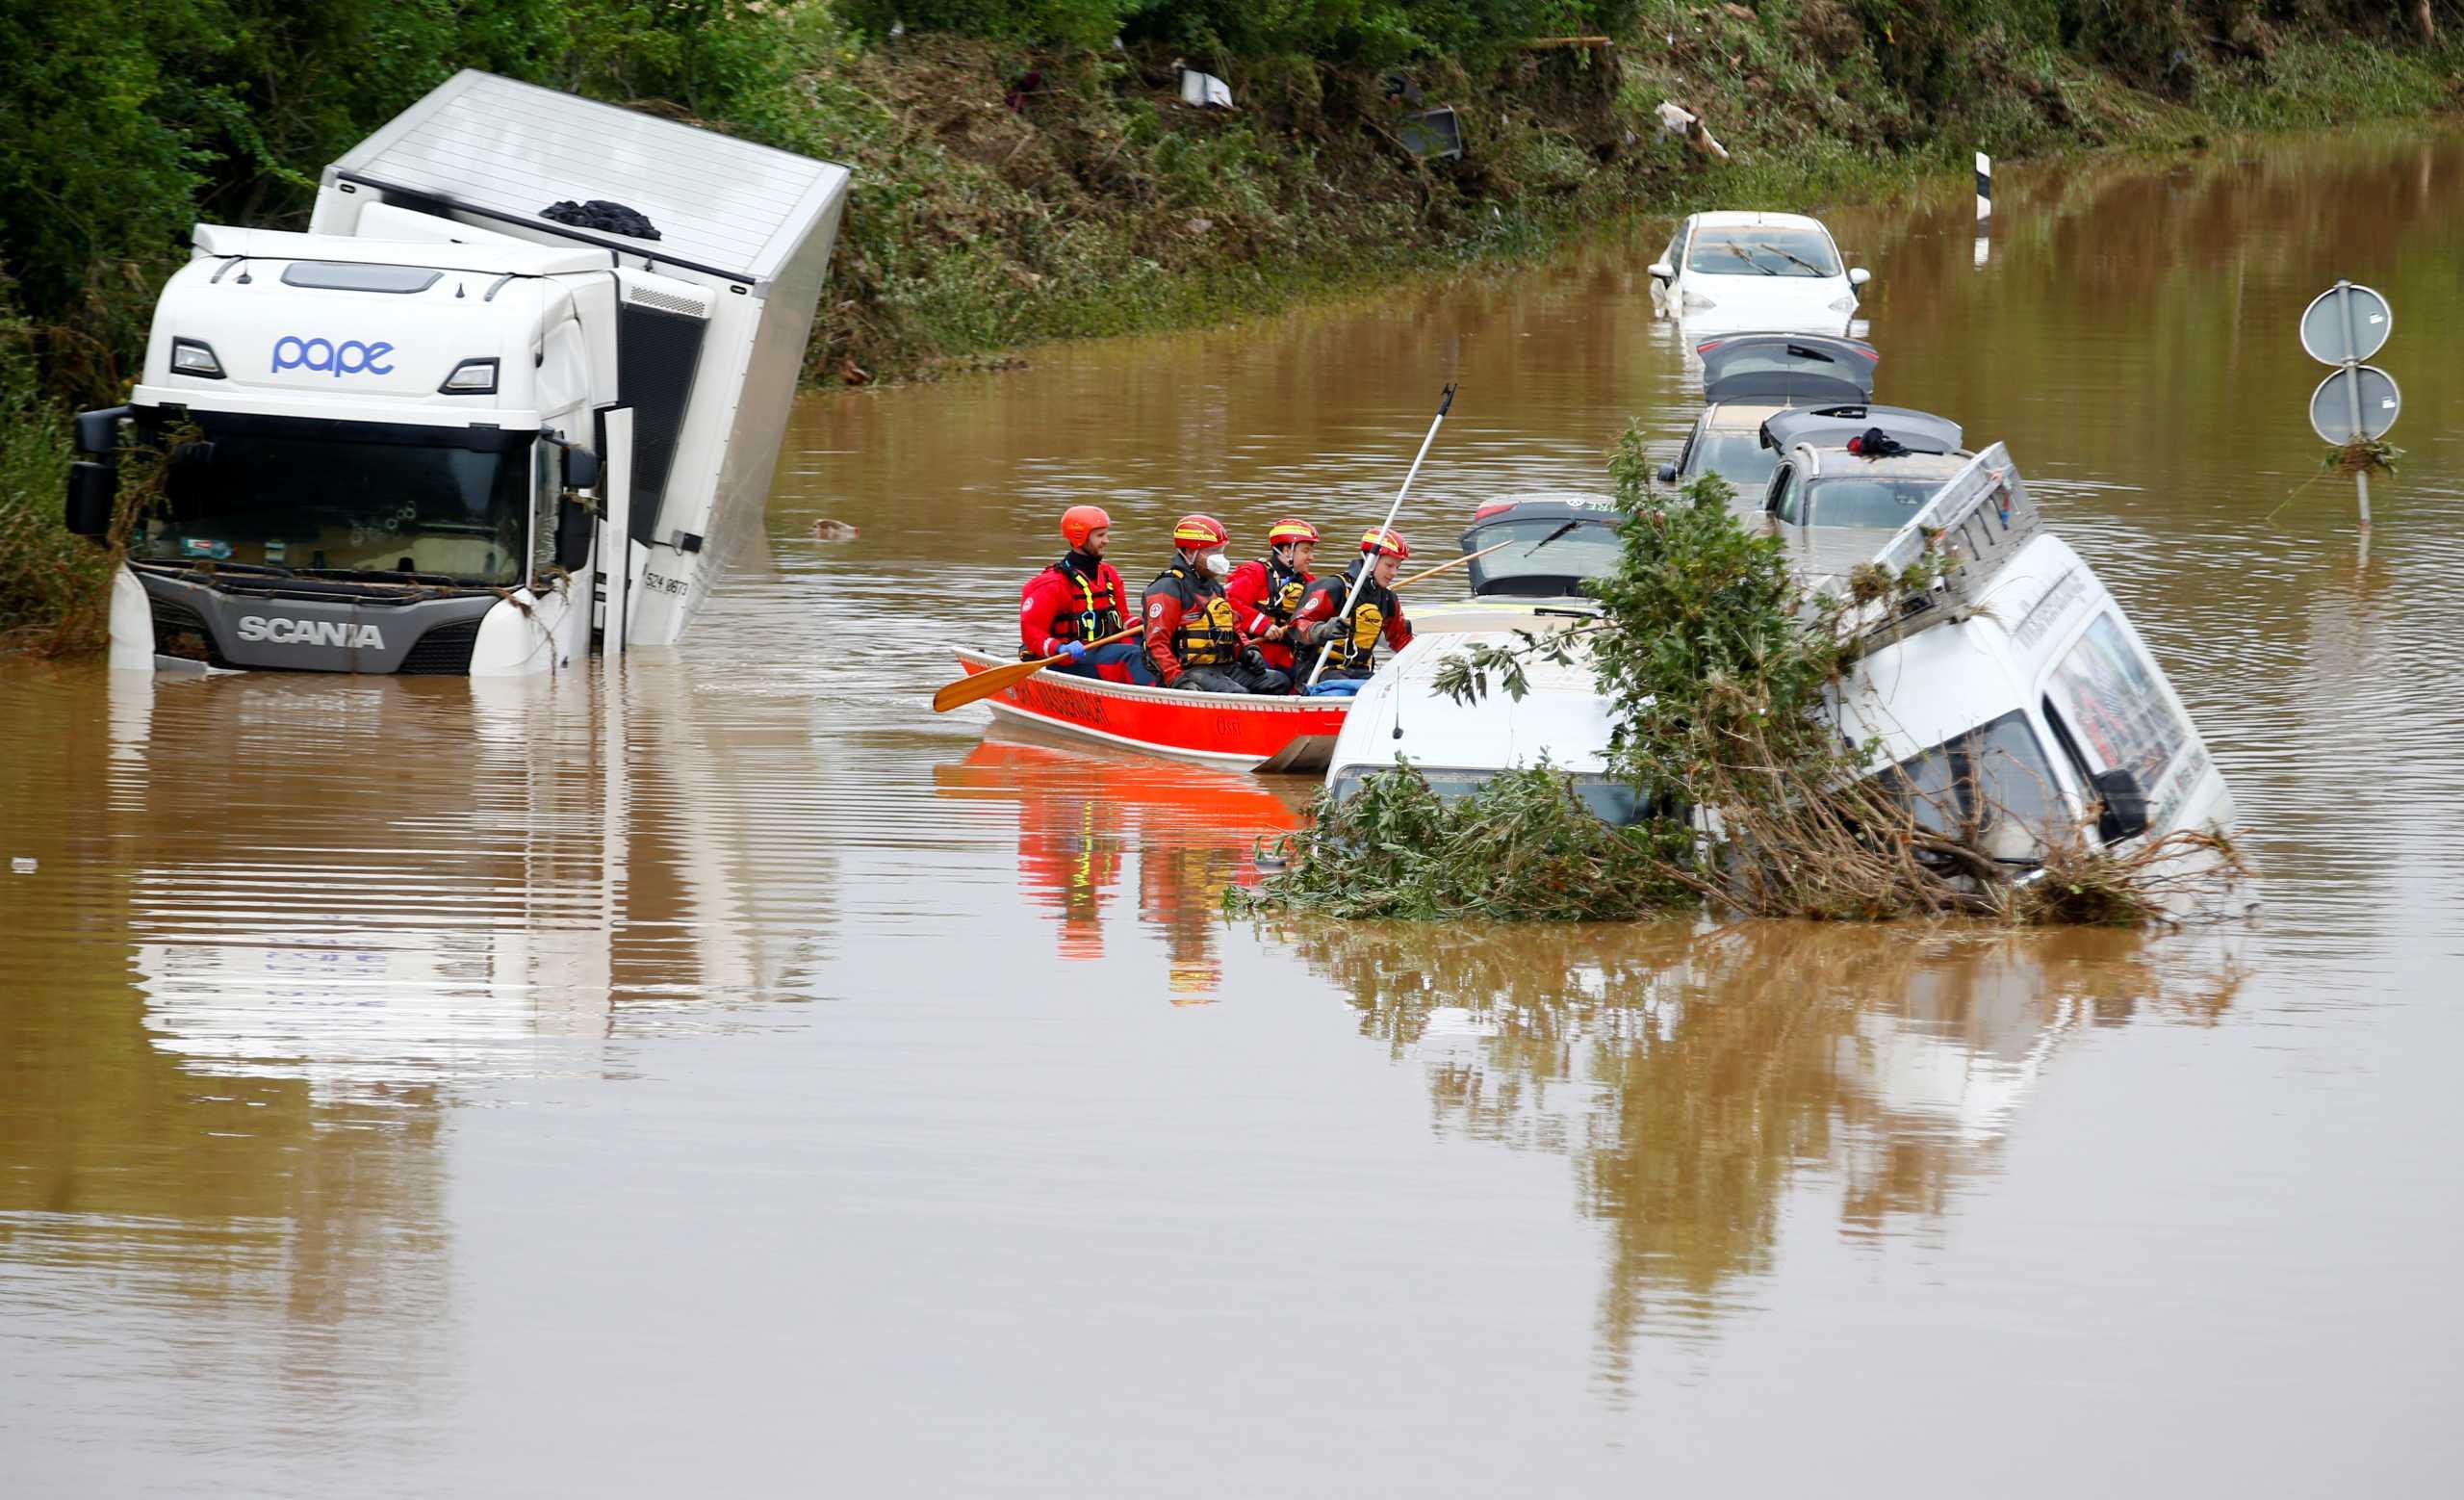 Γερμανία: 25.000 μέλη σωστικών συνεργείων αναζητούν επιζώντες από τις φονικές πλημμύρες